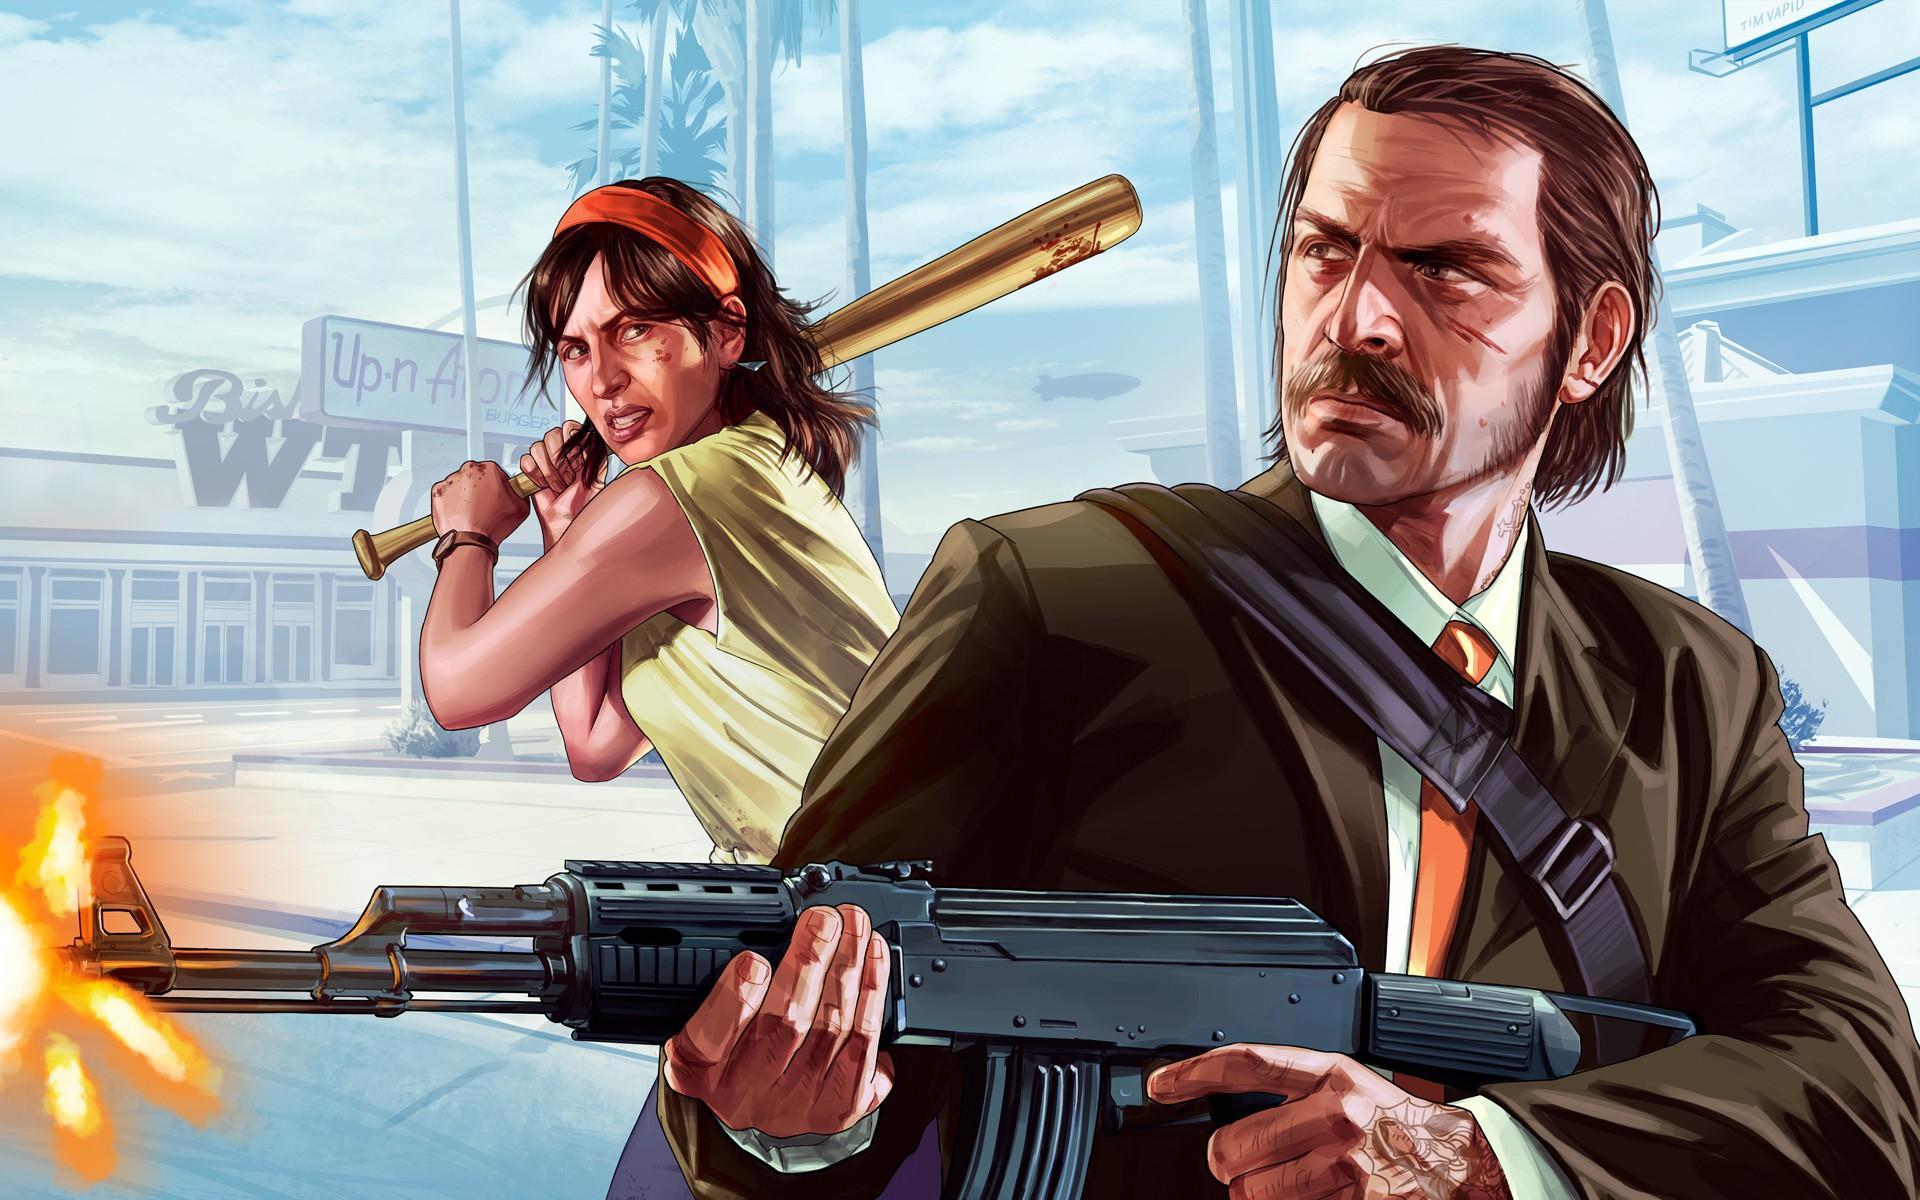 Коды на GTA Vice City Все читы ГТА Вайс Сити для ПК PC